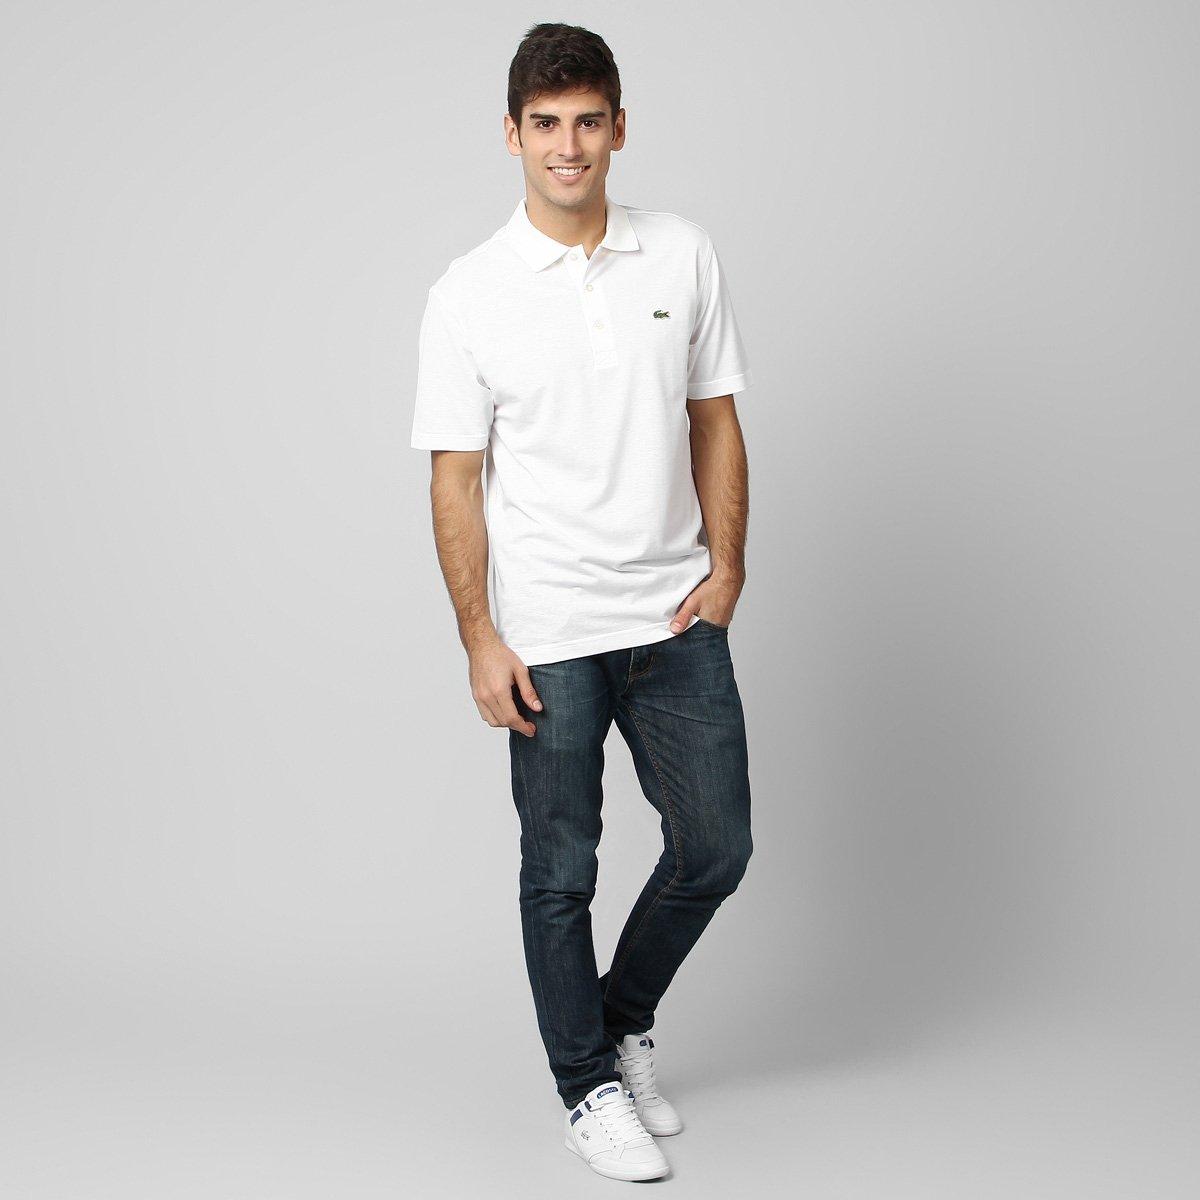 1eb51b7a4f Camisa Polo Lacoste Super Light Branco - Zattini em Promoção no Oferta  Esperta